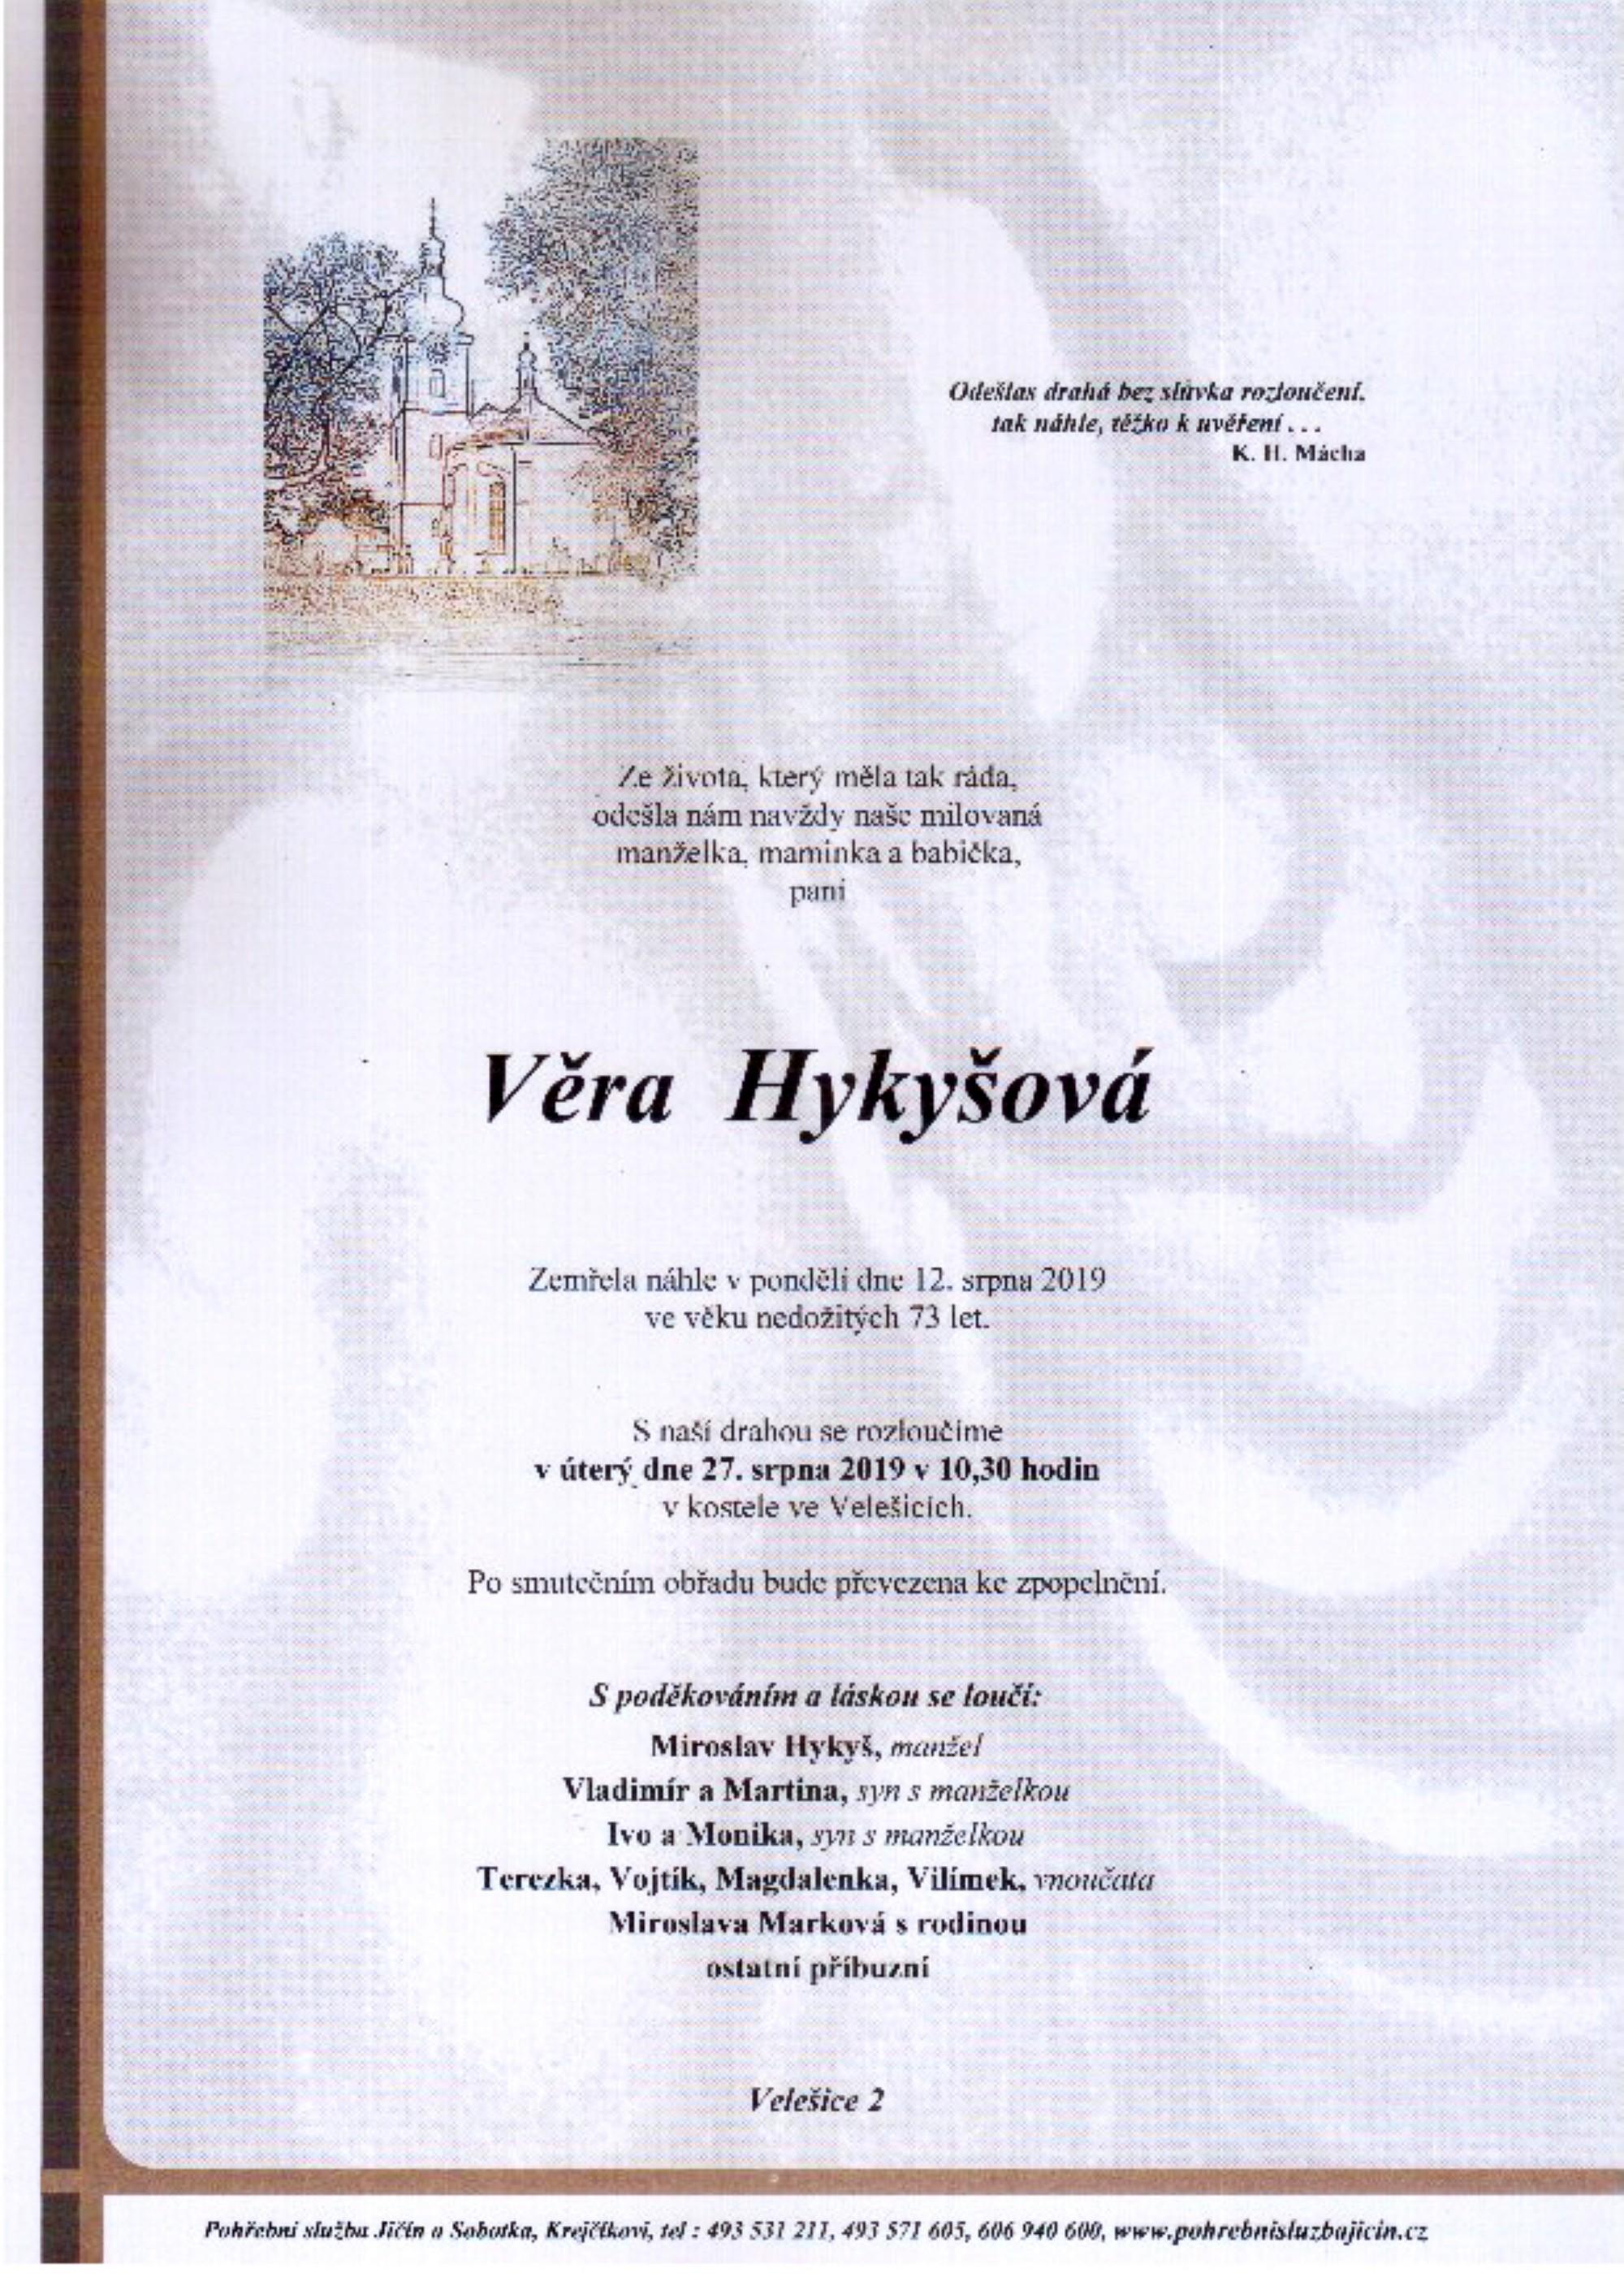 Věra Hykyšová